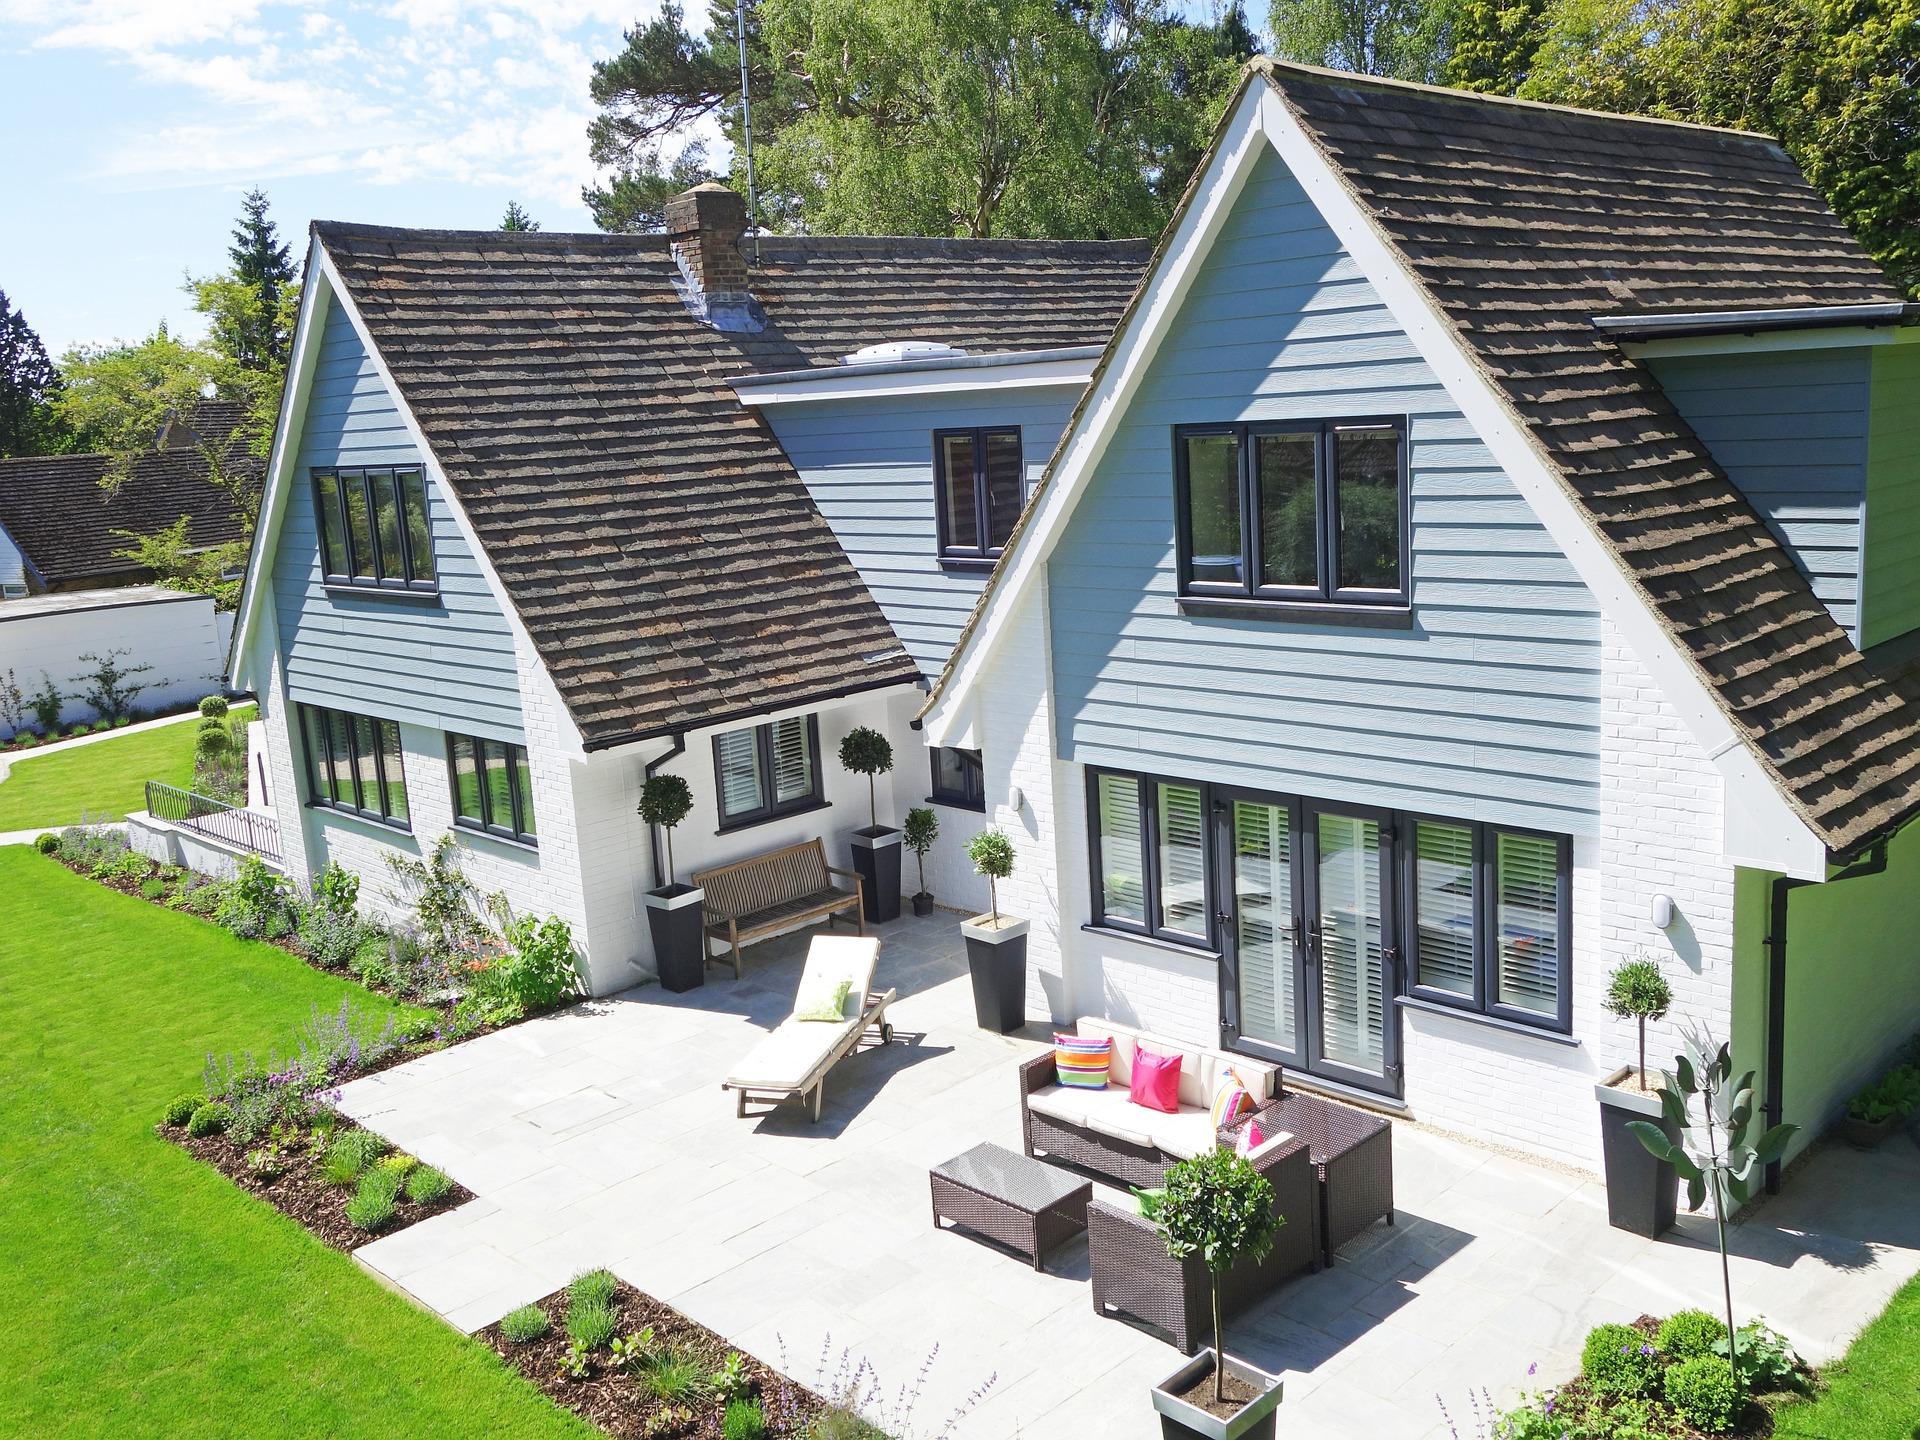 Une maison bleue avec une belle terrasse et un jardin